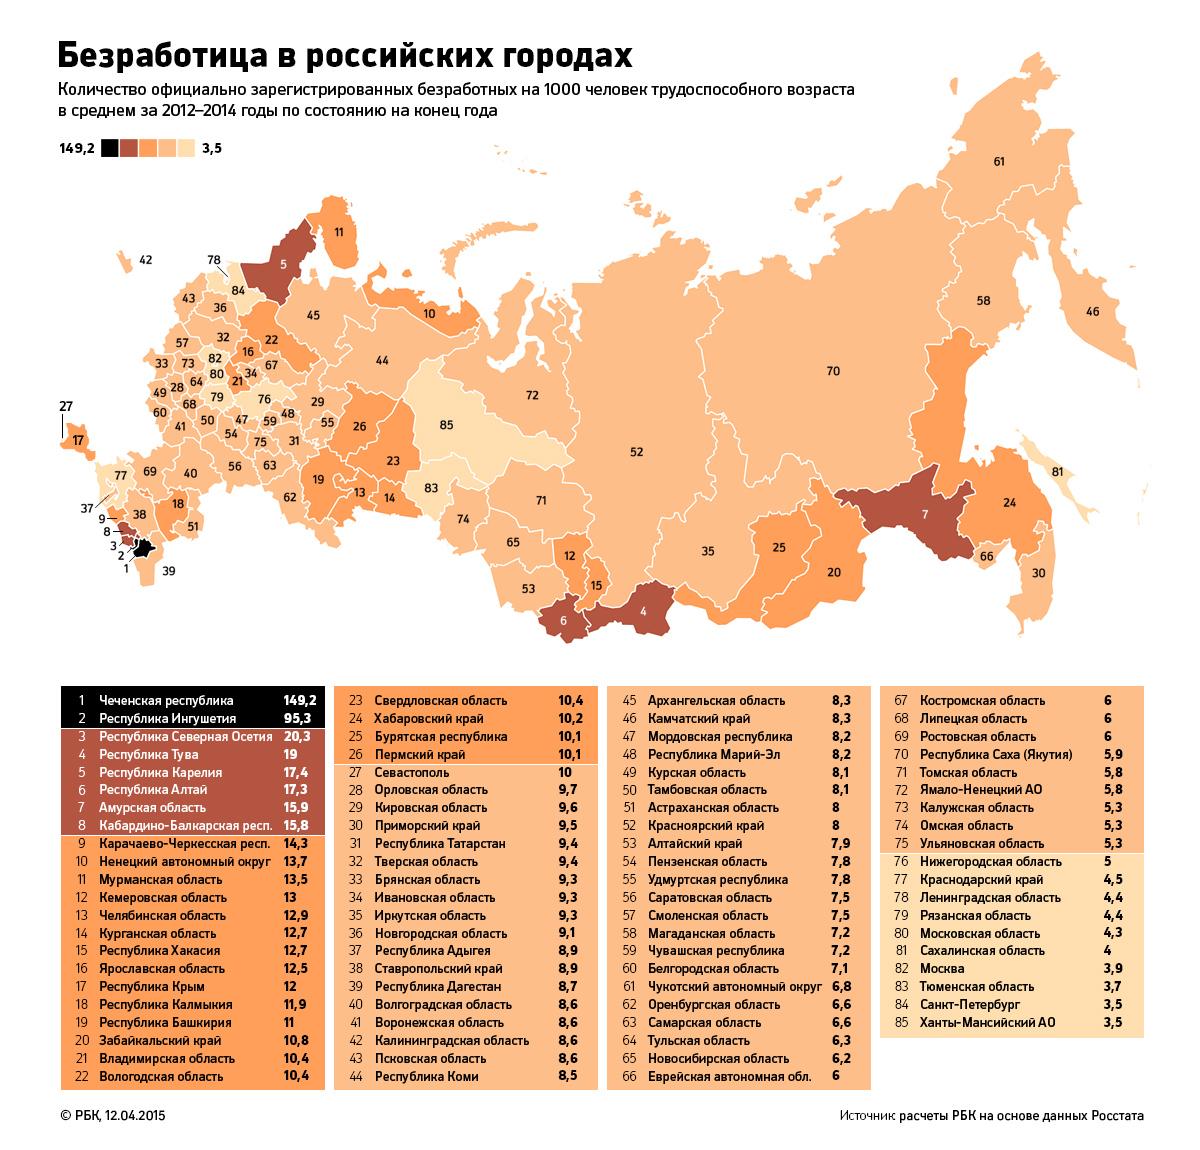 Виза в Китай для россиян в 2018 году: нужна ли, оформление